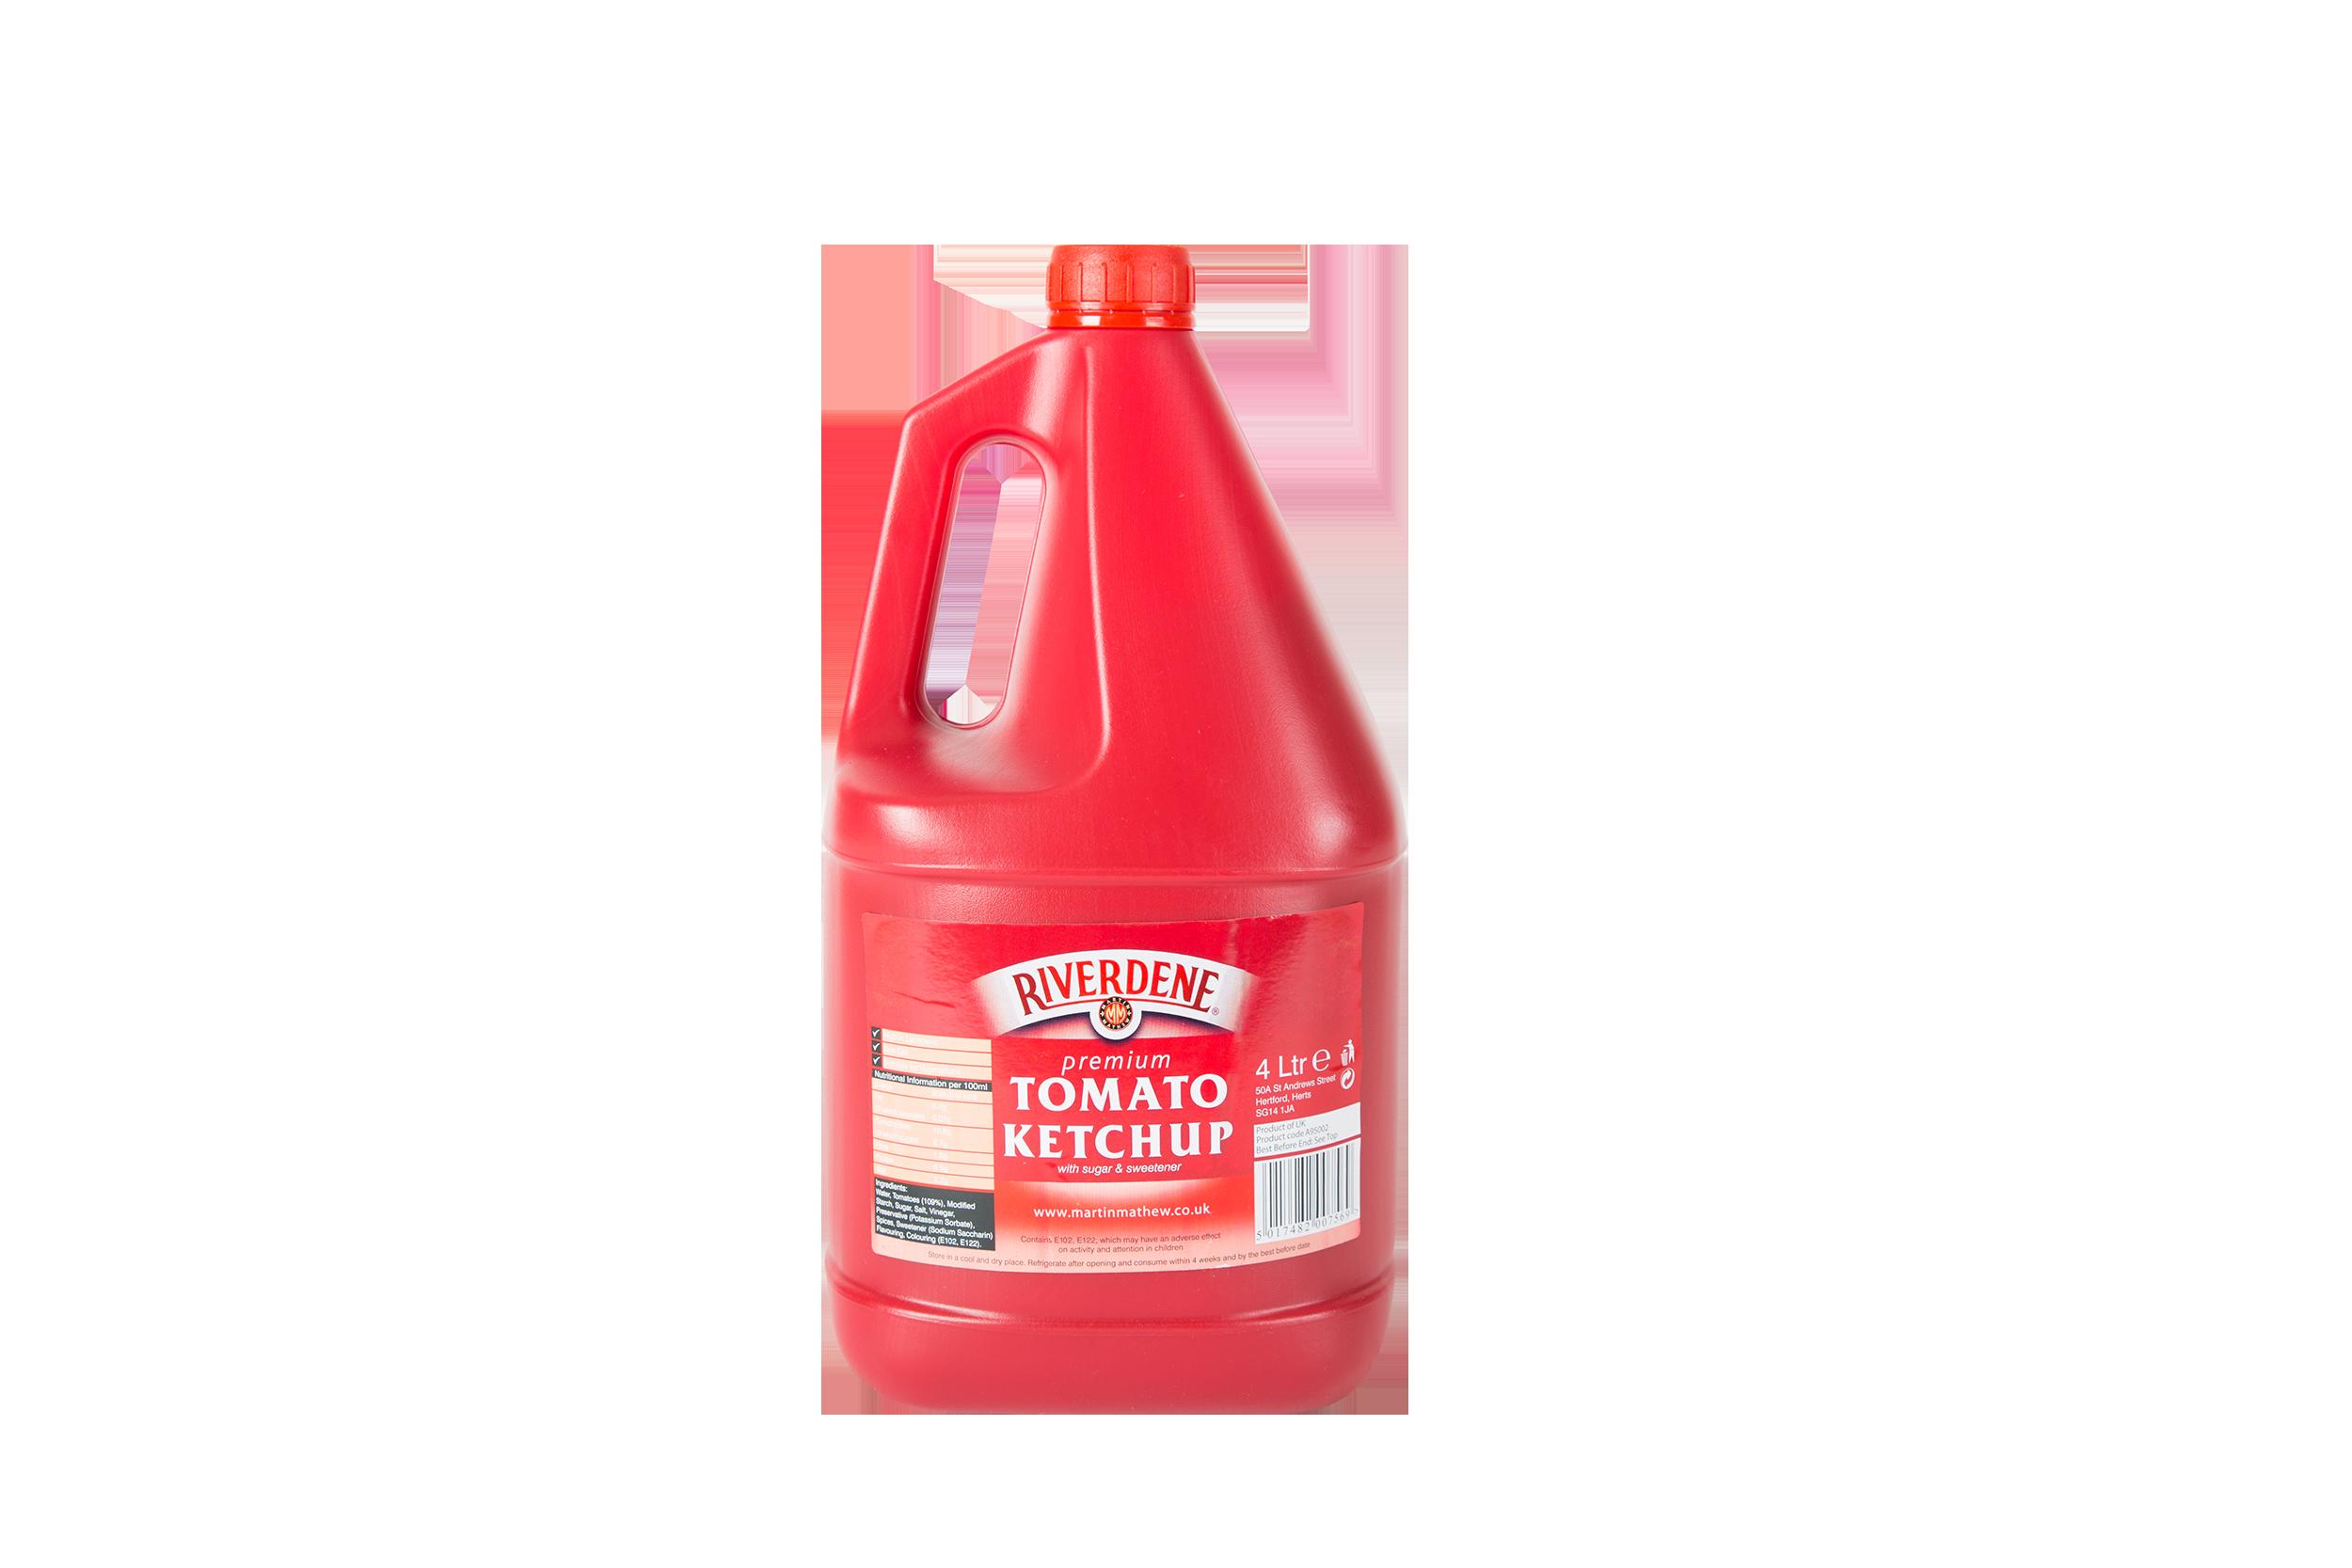 Riverdene Tomato Ketchup - 4 litre